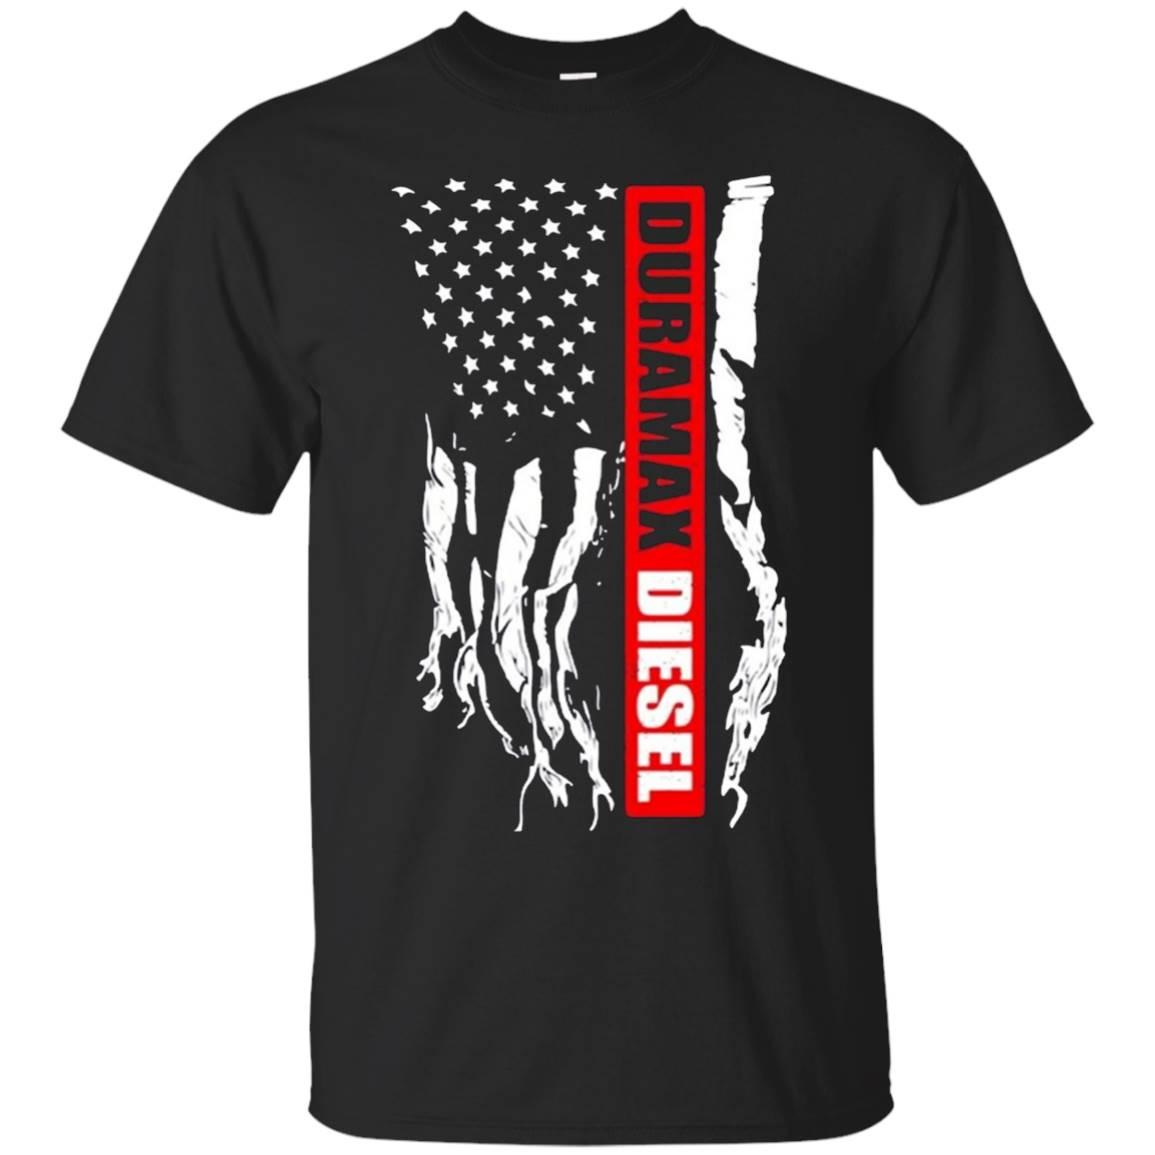 Duramax Diesel Shirts – Duramax Diesel Flag Shirt